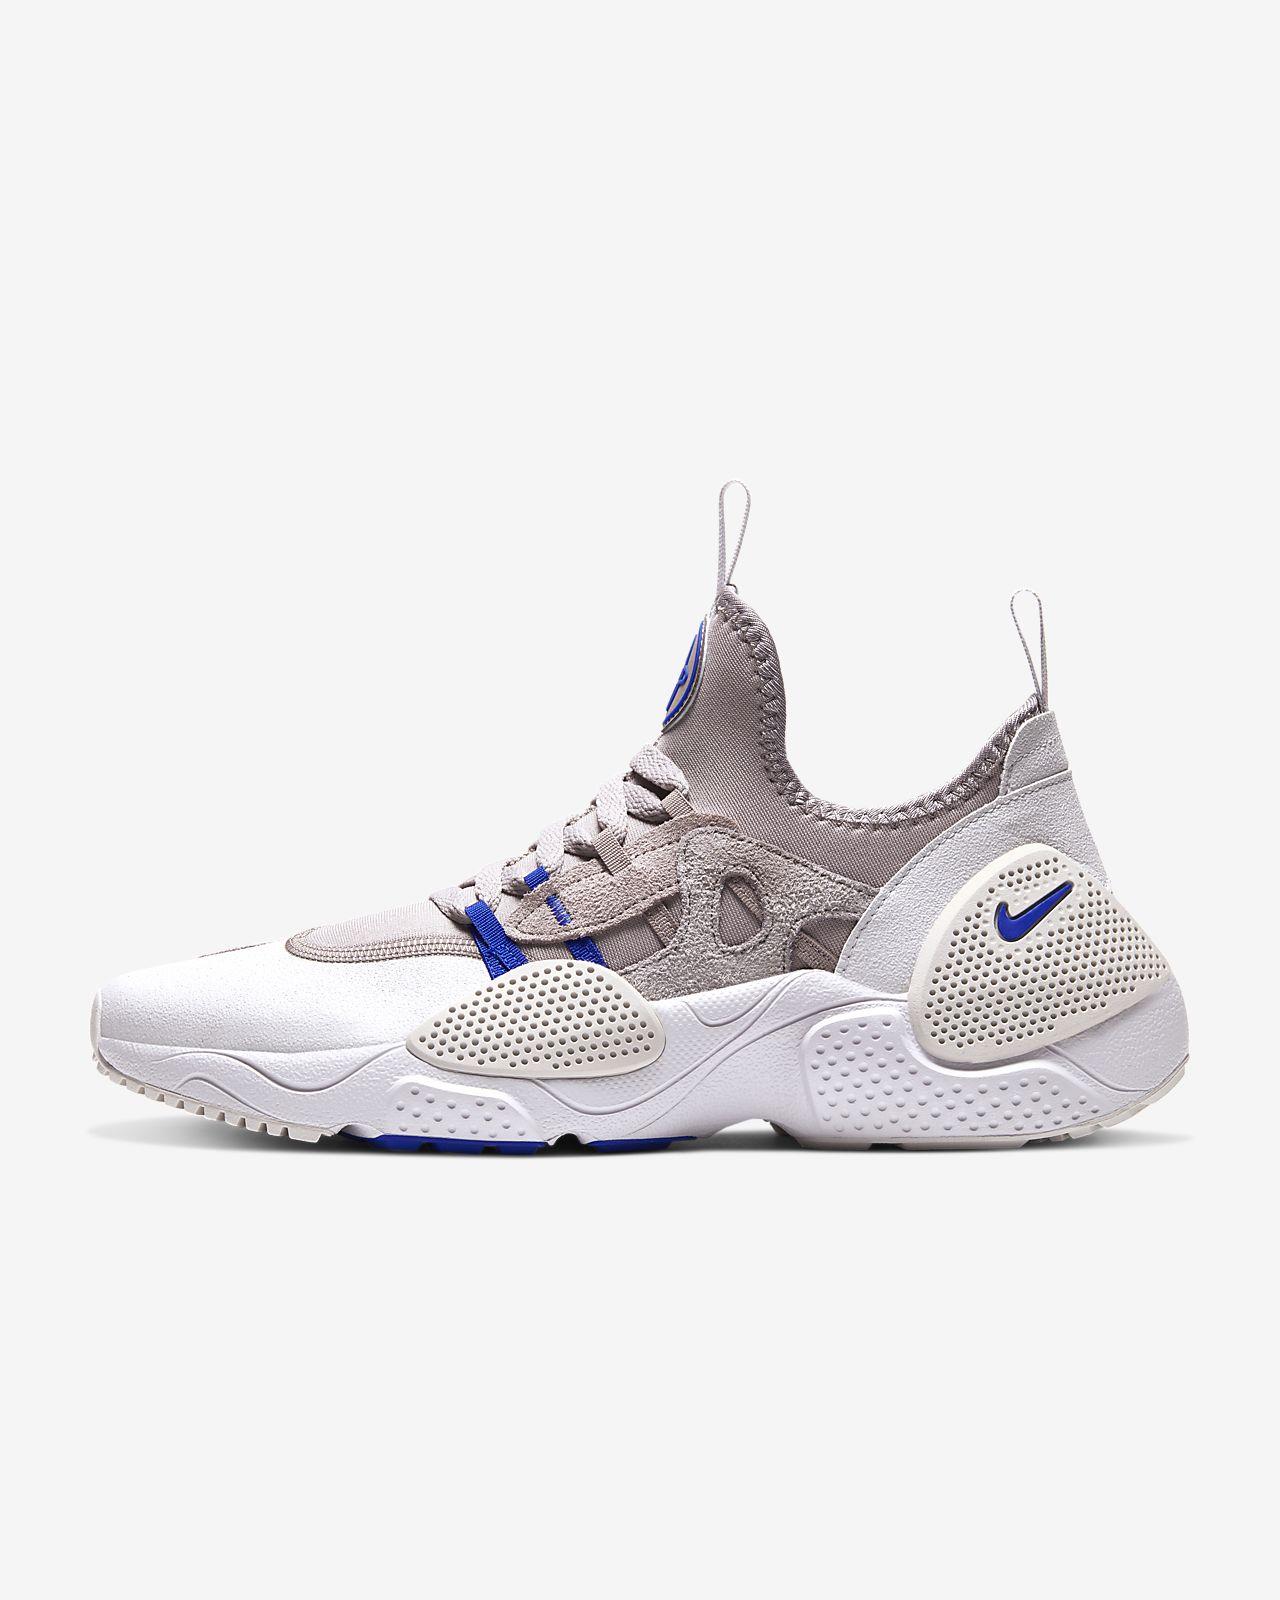 Nike Huarache E.D.G.E. 男子运动鞋